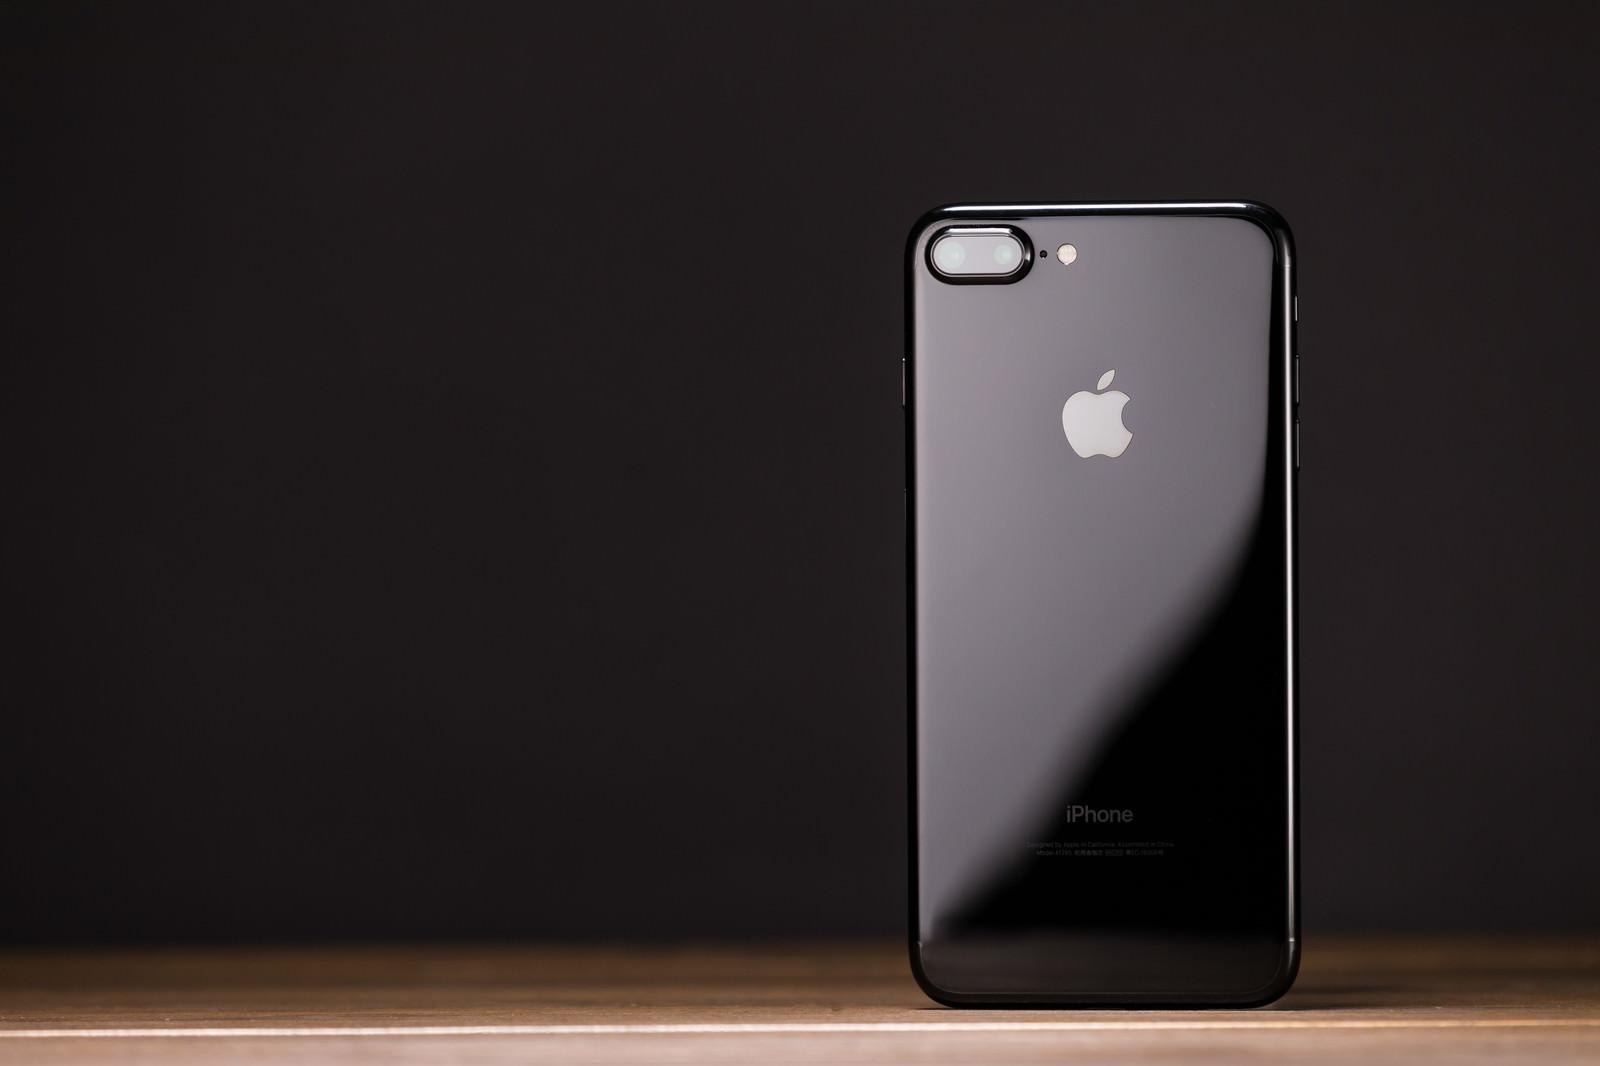 「光沢ツヤ感が美しいスマートフォン」の写真